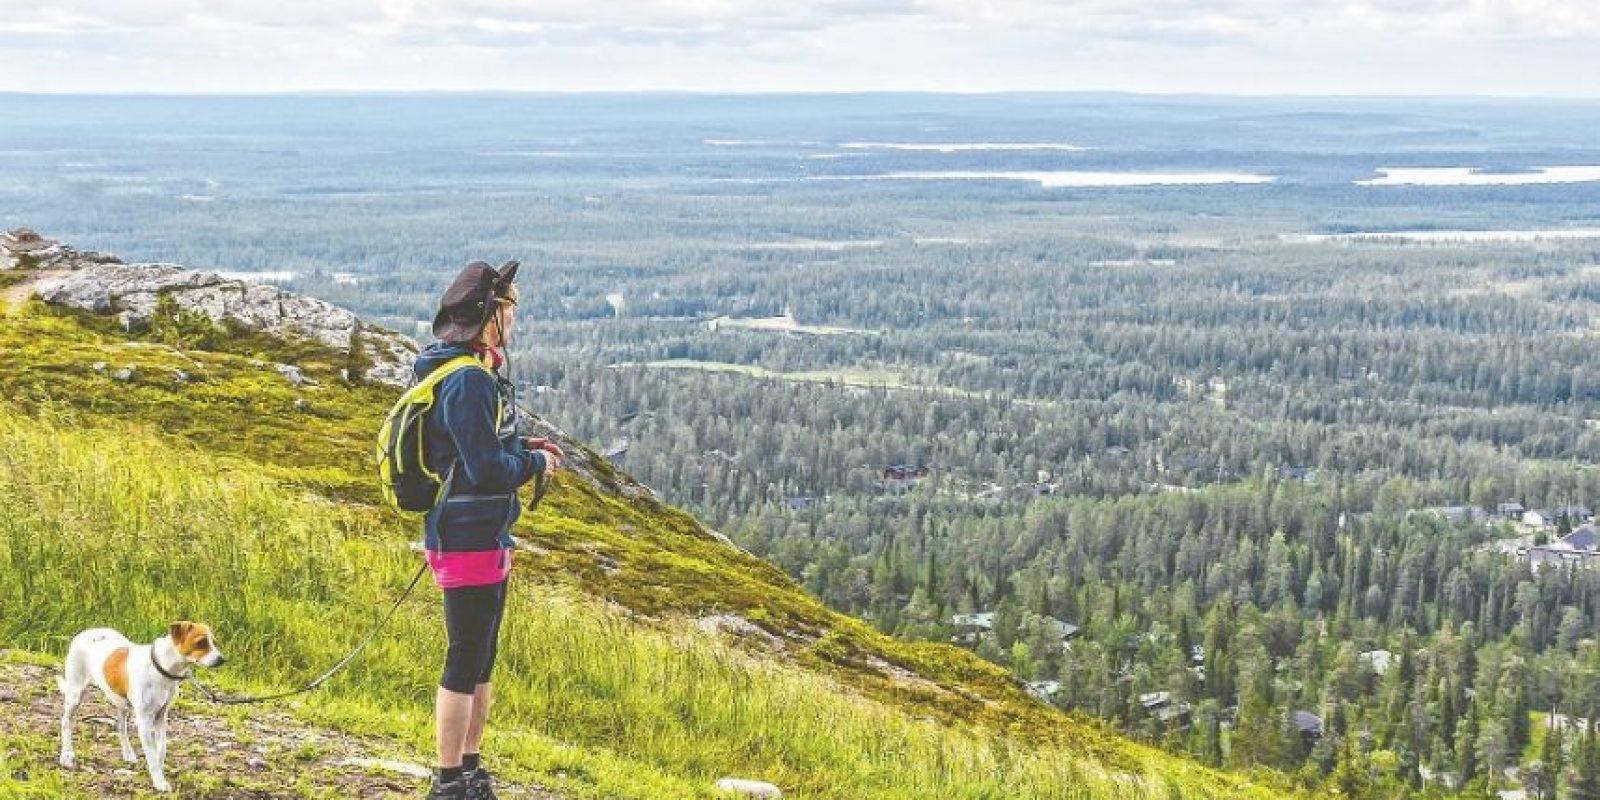 1- Finlandia da cátedra desde Europa. El gobierno finlandés firmó un compromiso social para lograr que la cantidad de carbono que se produce allí no exceda la capacidad de carga de la naturaleza para el año 2050. Según el EPI, se trata de una visión repleta de metas viables e indicadores medibles de desarrollo sostenible. Por otro lado, Finlandia tiene como objetivo consumir 38 % de su energía total procedente de fuentes renovables para el año 2020. Finlandia ocupa el primer lugar en Europa y todo el mundo.